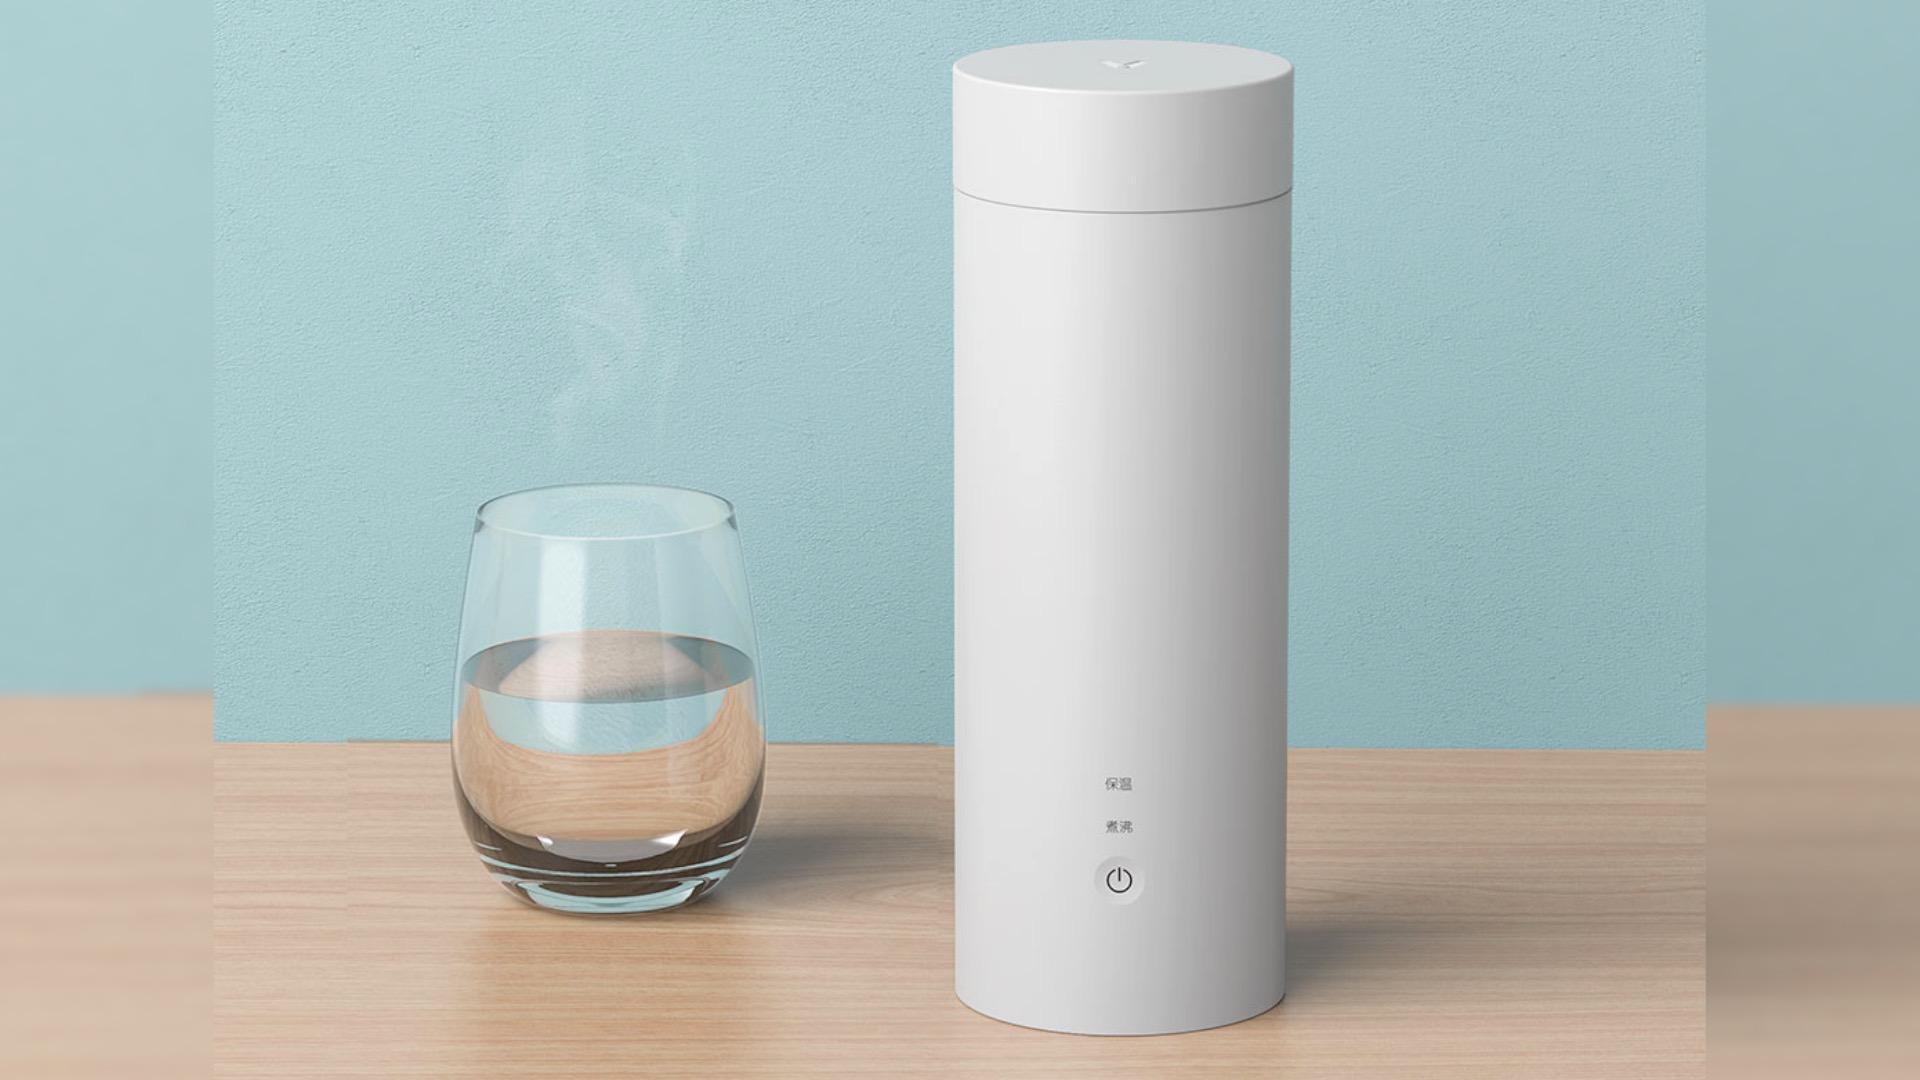 Elektrická termoska od Xiaomi nyní v akci za 716 Kč! [sponzorovaný článek]